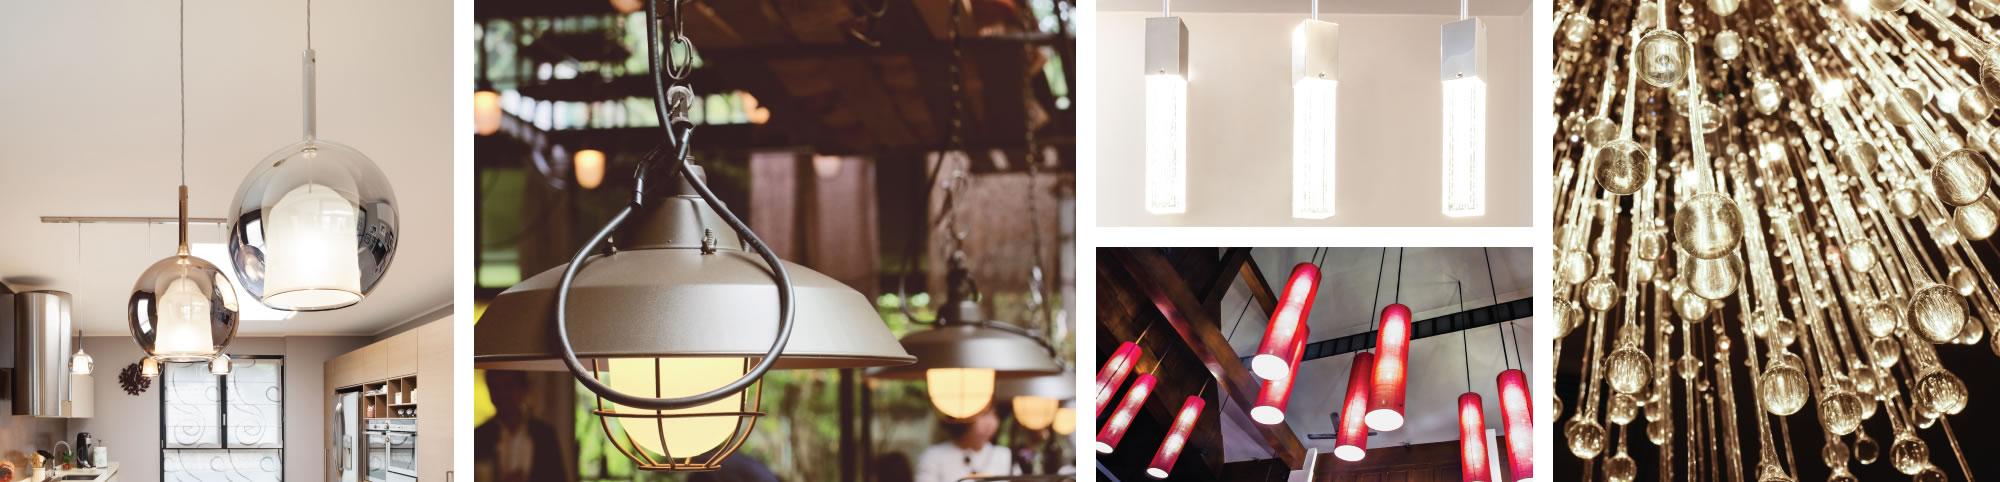 & Dallas Market Center | Light + Design Showroom azcodes.com